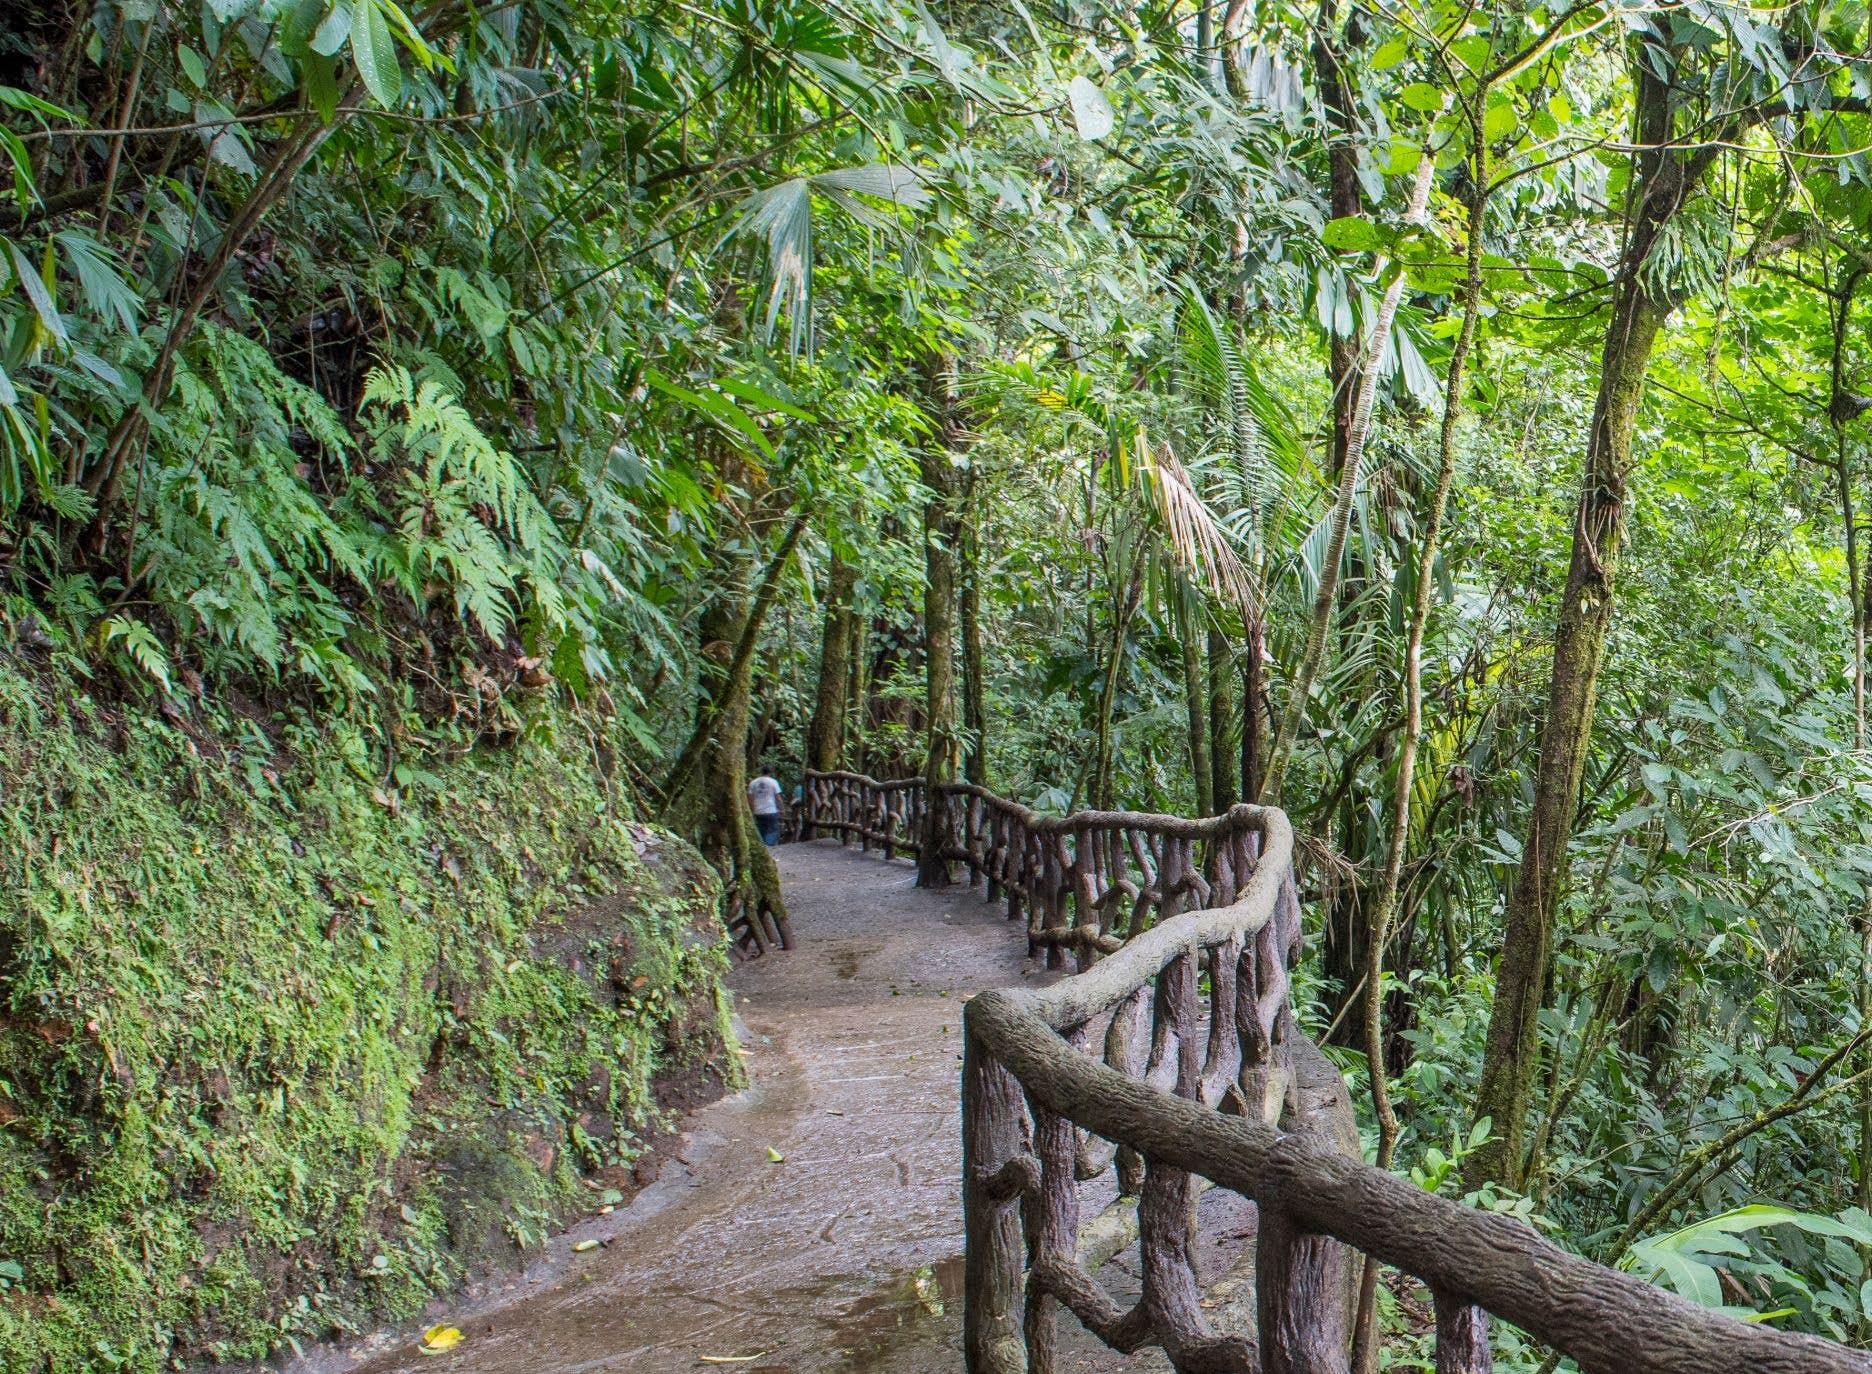 Rainforest walk in Mistico Park